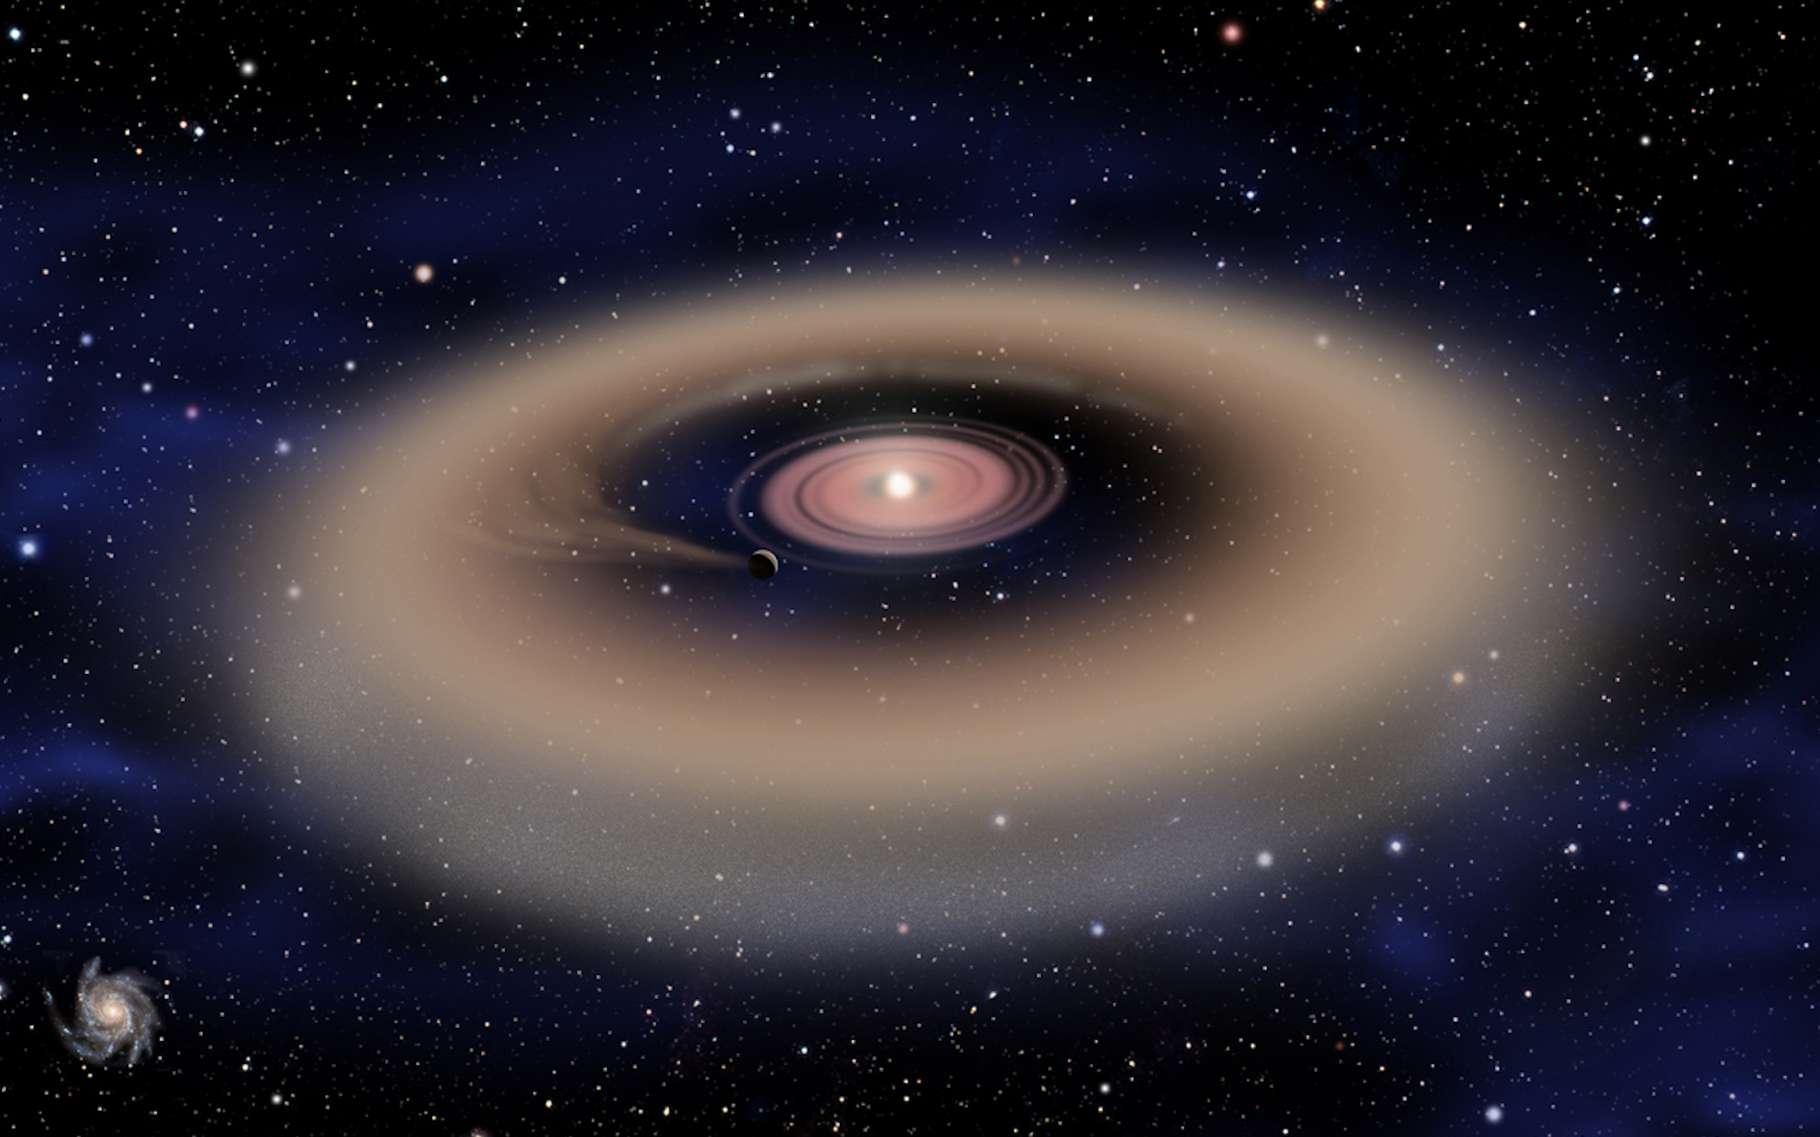 Selon des chercheurs de l'université de Yale (États-Unis), après 'Oumuamua et 2I/Borisov, nous devrions recevoir la visite de nombreux autres objets interstellaires issus des disques protoplanétaires d'étoiles lointaines. © David A. Aguilar, CfA, Wikipedia, Domaine public